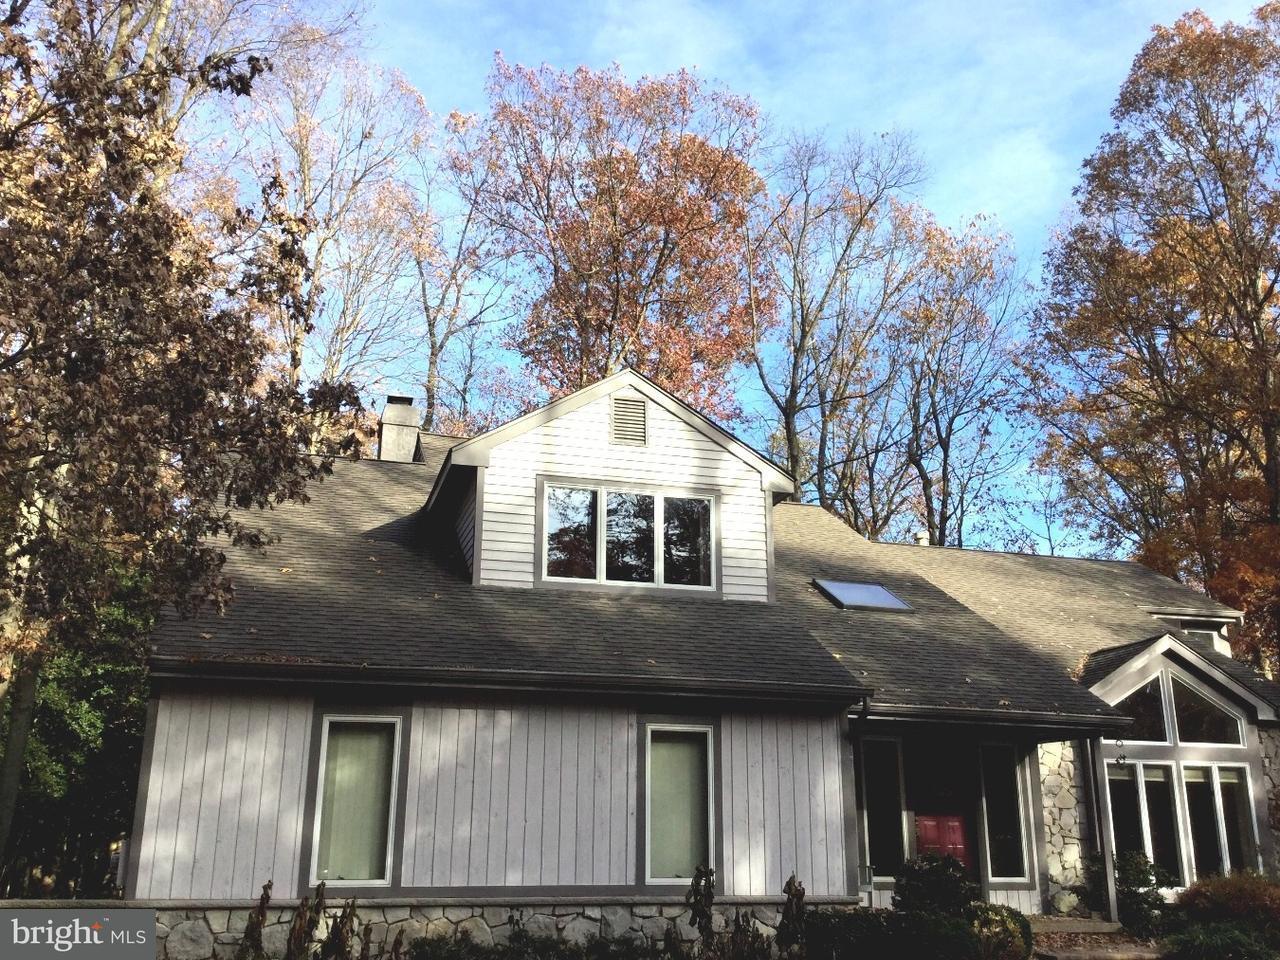 Частный односемейный дом для того Продажа на 8 OAK TREE Court Westampton, Нью-Джерси 08060 Соединенные Штаты